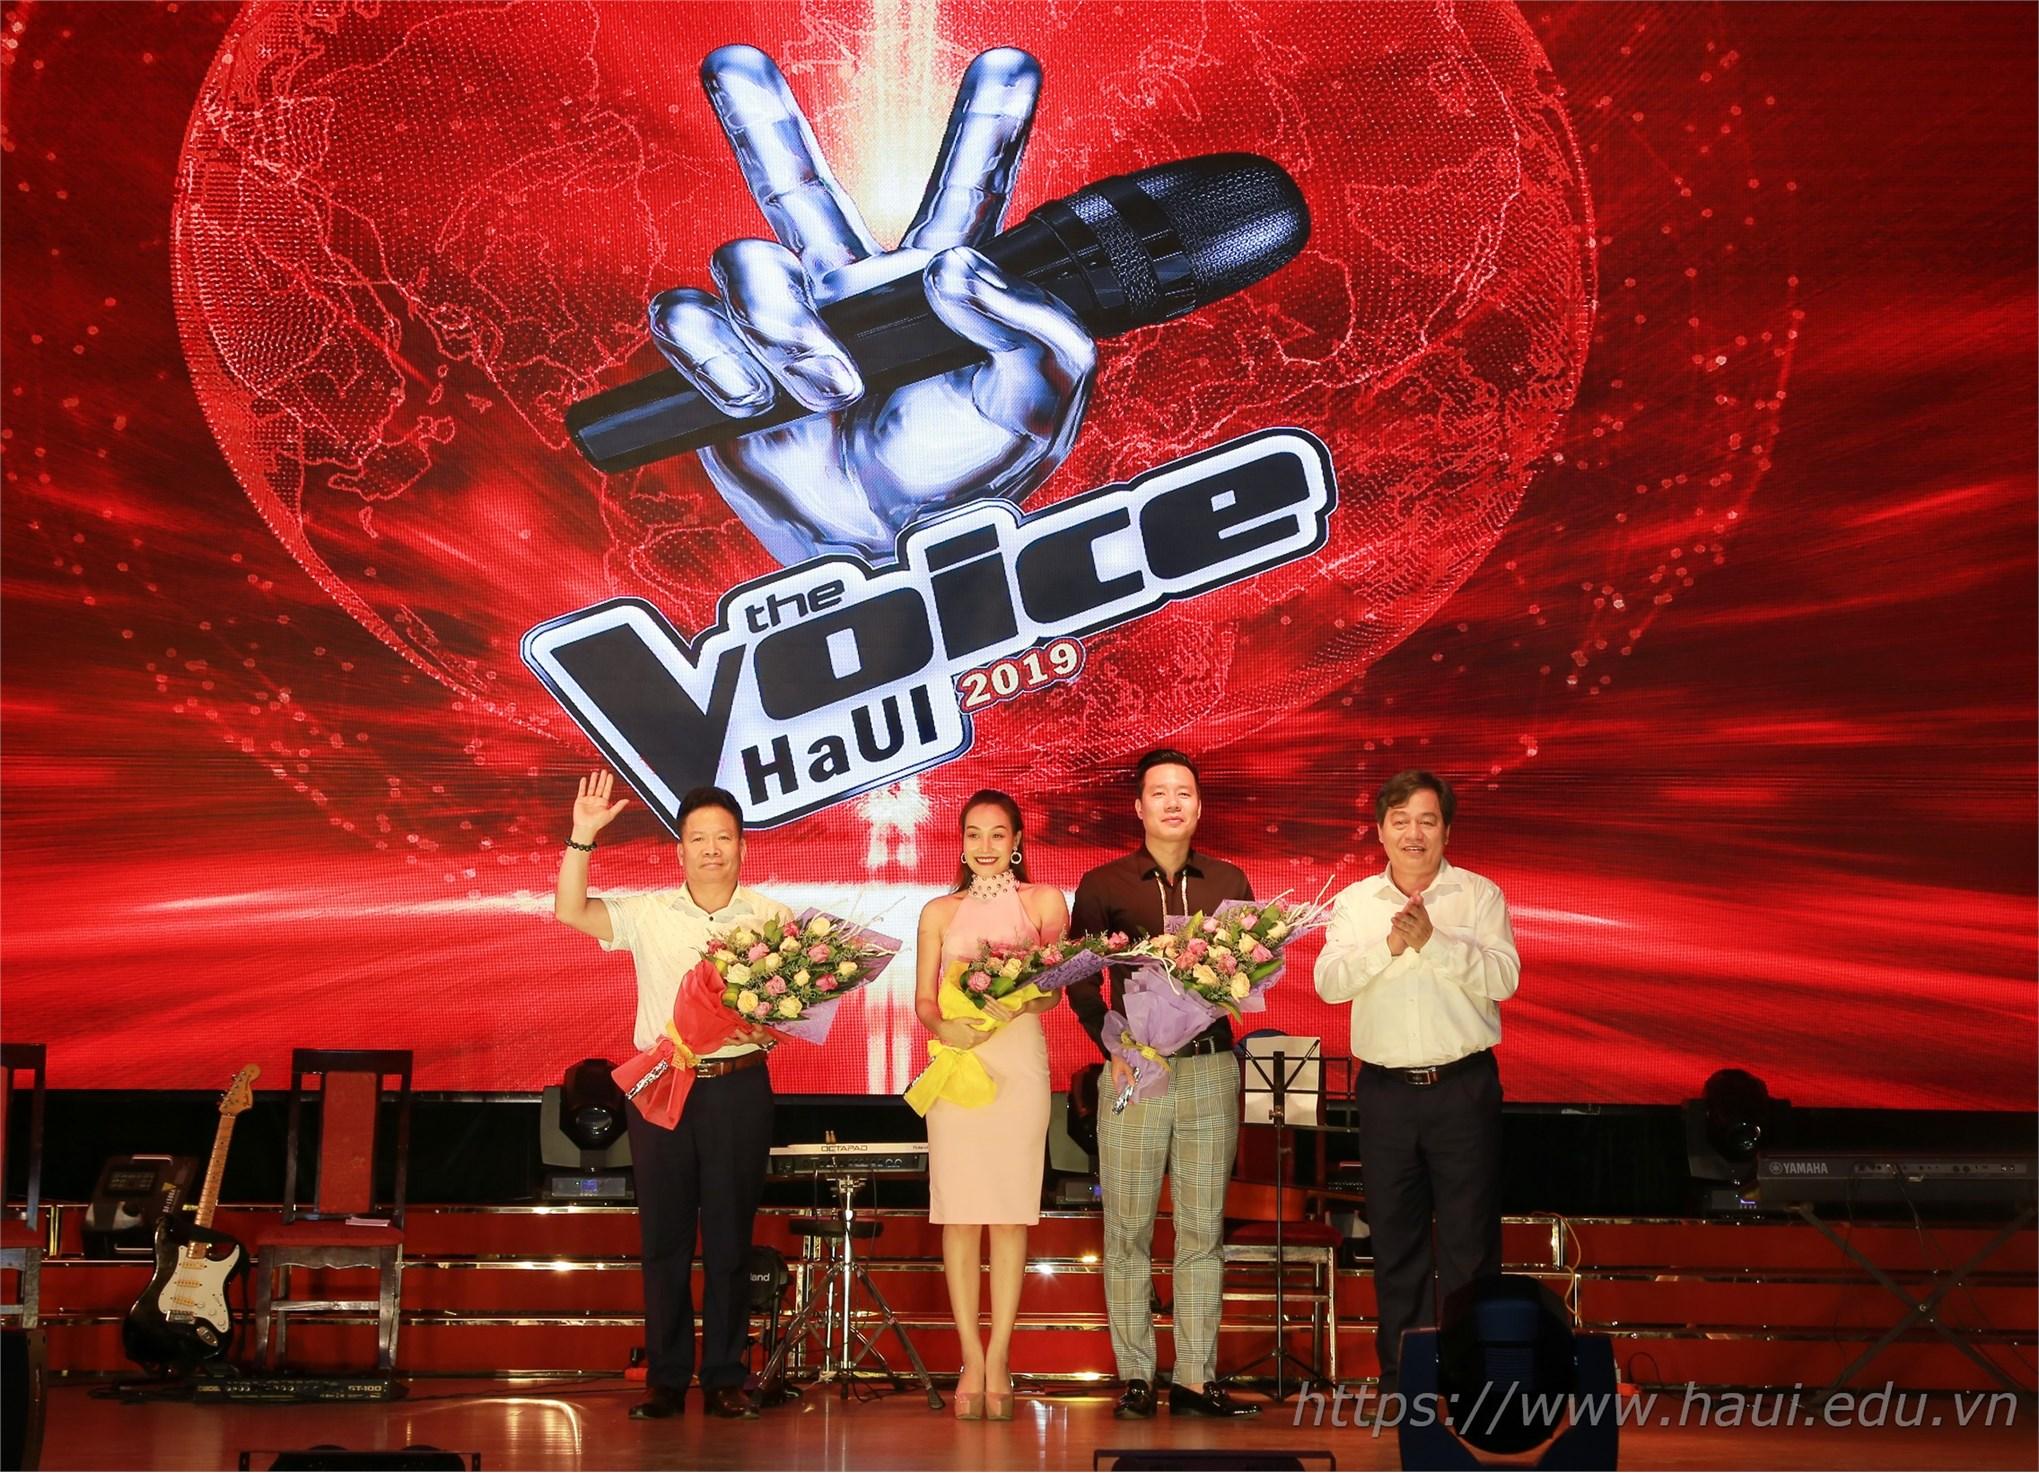 PGS.TS. Trần Đức Quý - Hiệu trưởng Nhà trường trao tặng hoa các thành viên Ban giám khảo